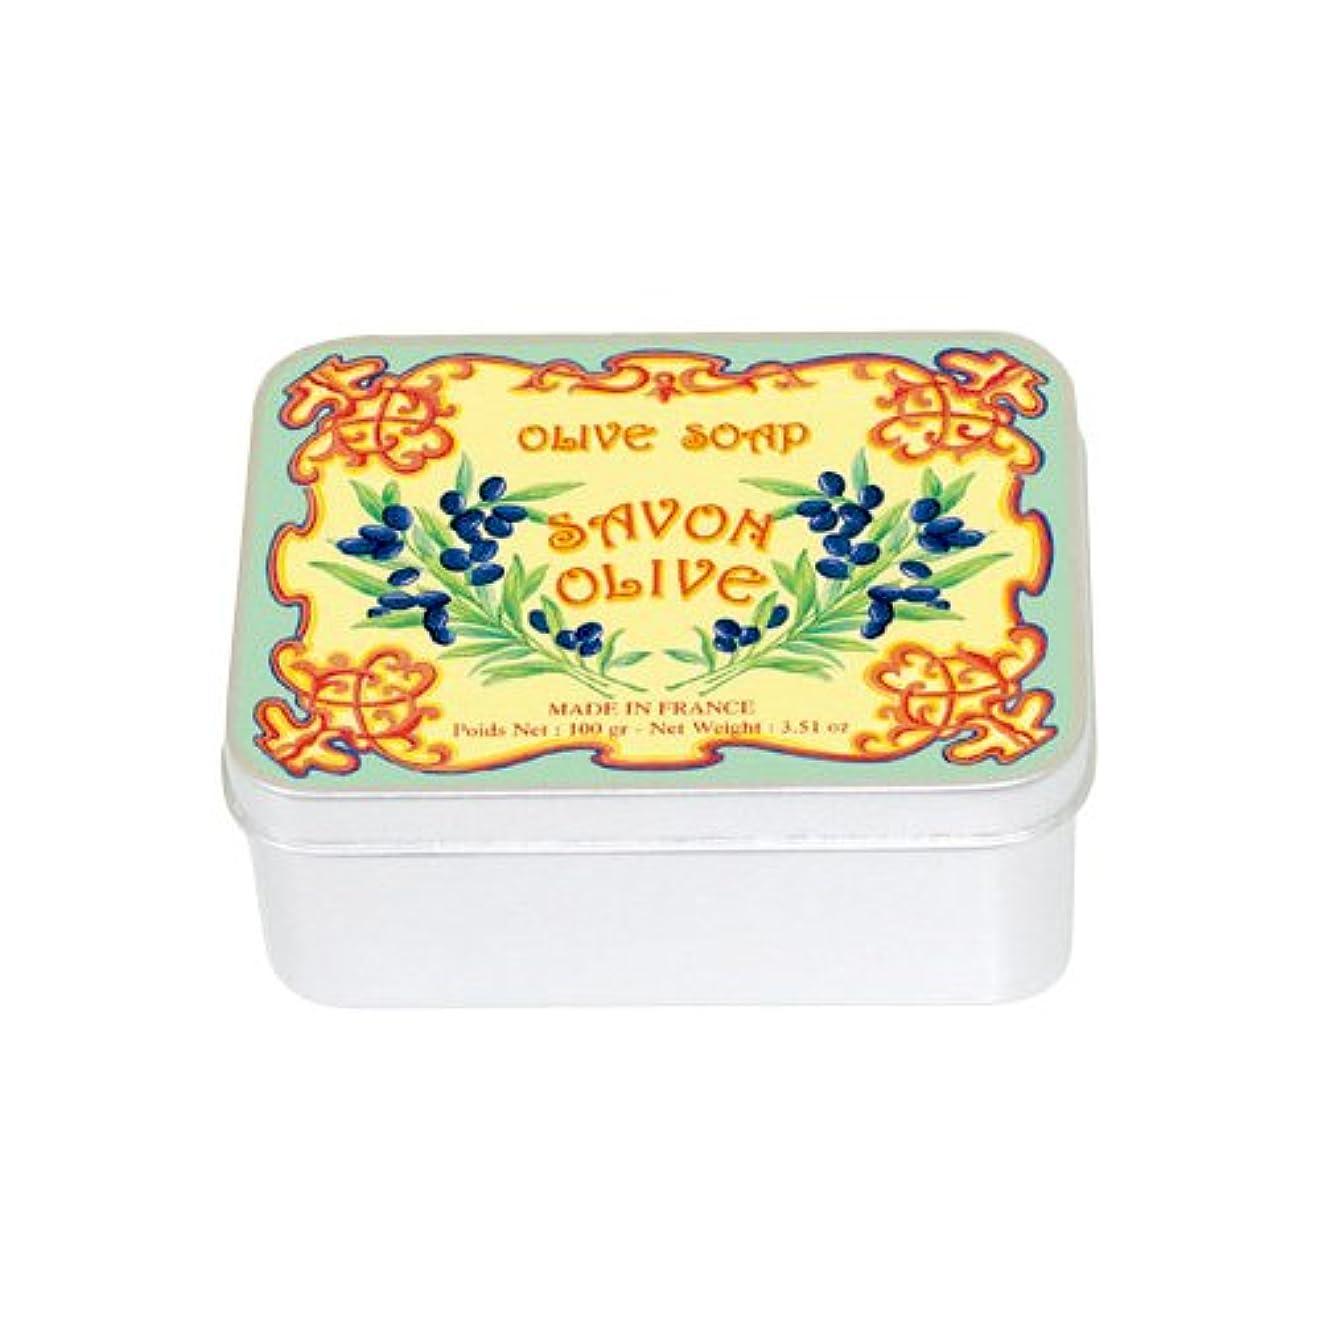 ジャム雷雨冷えるルブランソープ メタルボックス(オリーブの香り)石鹸